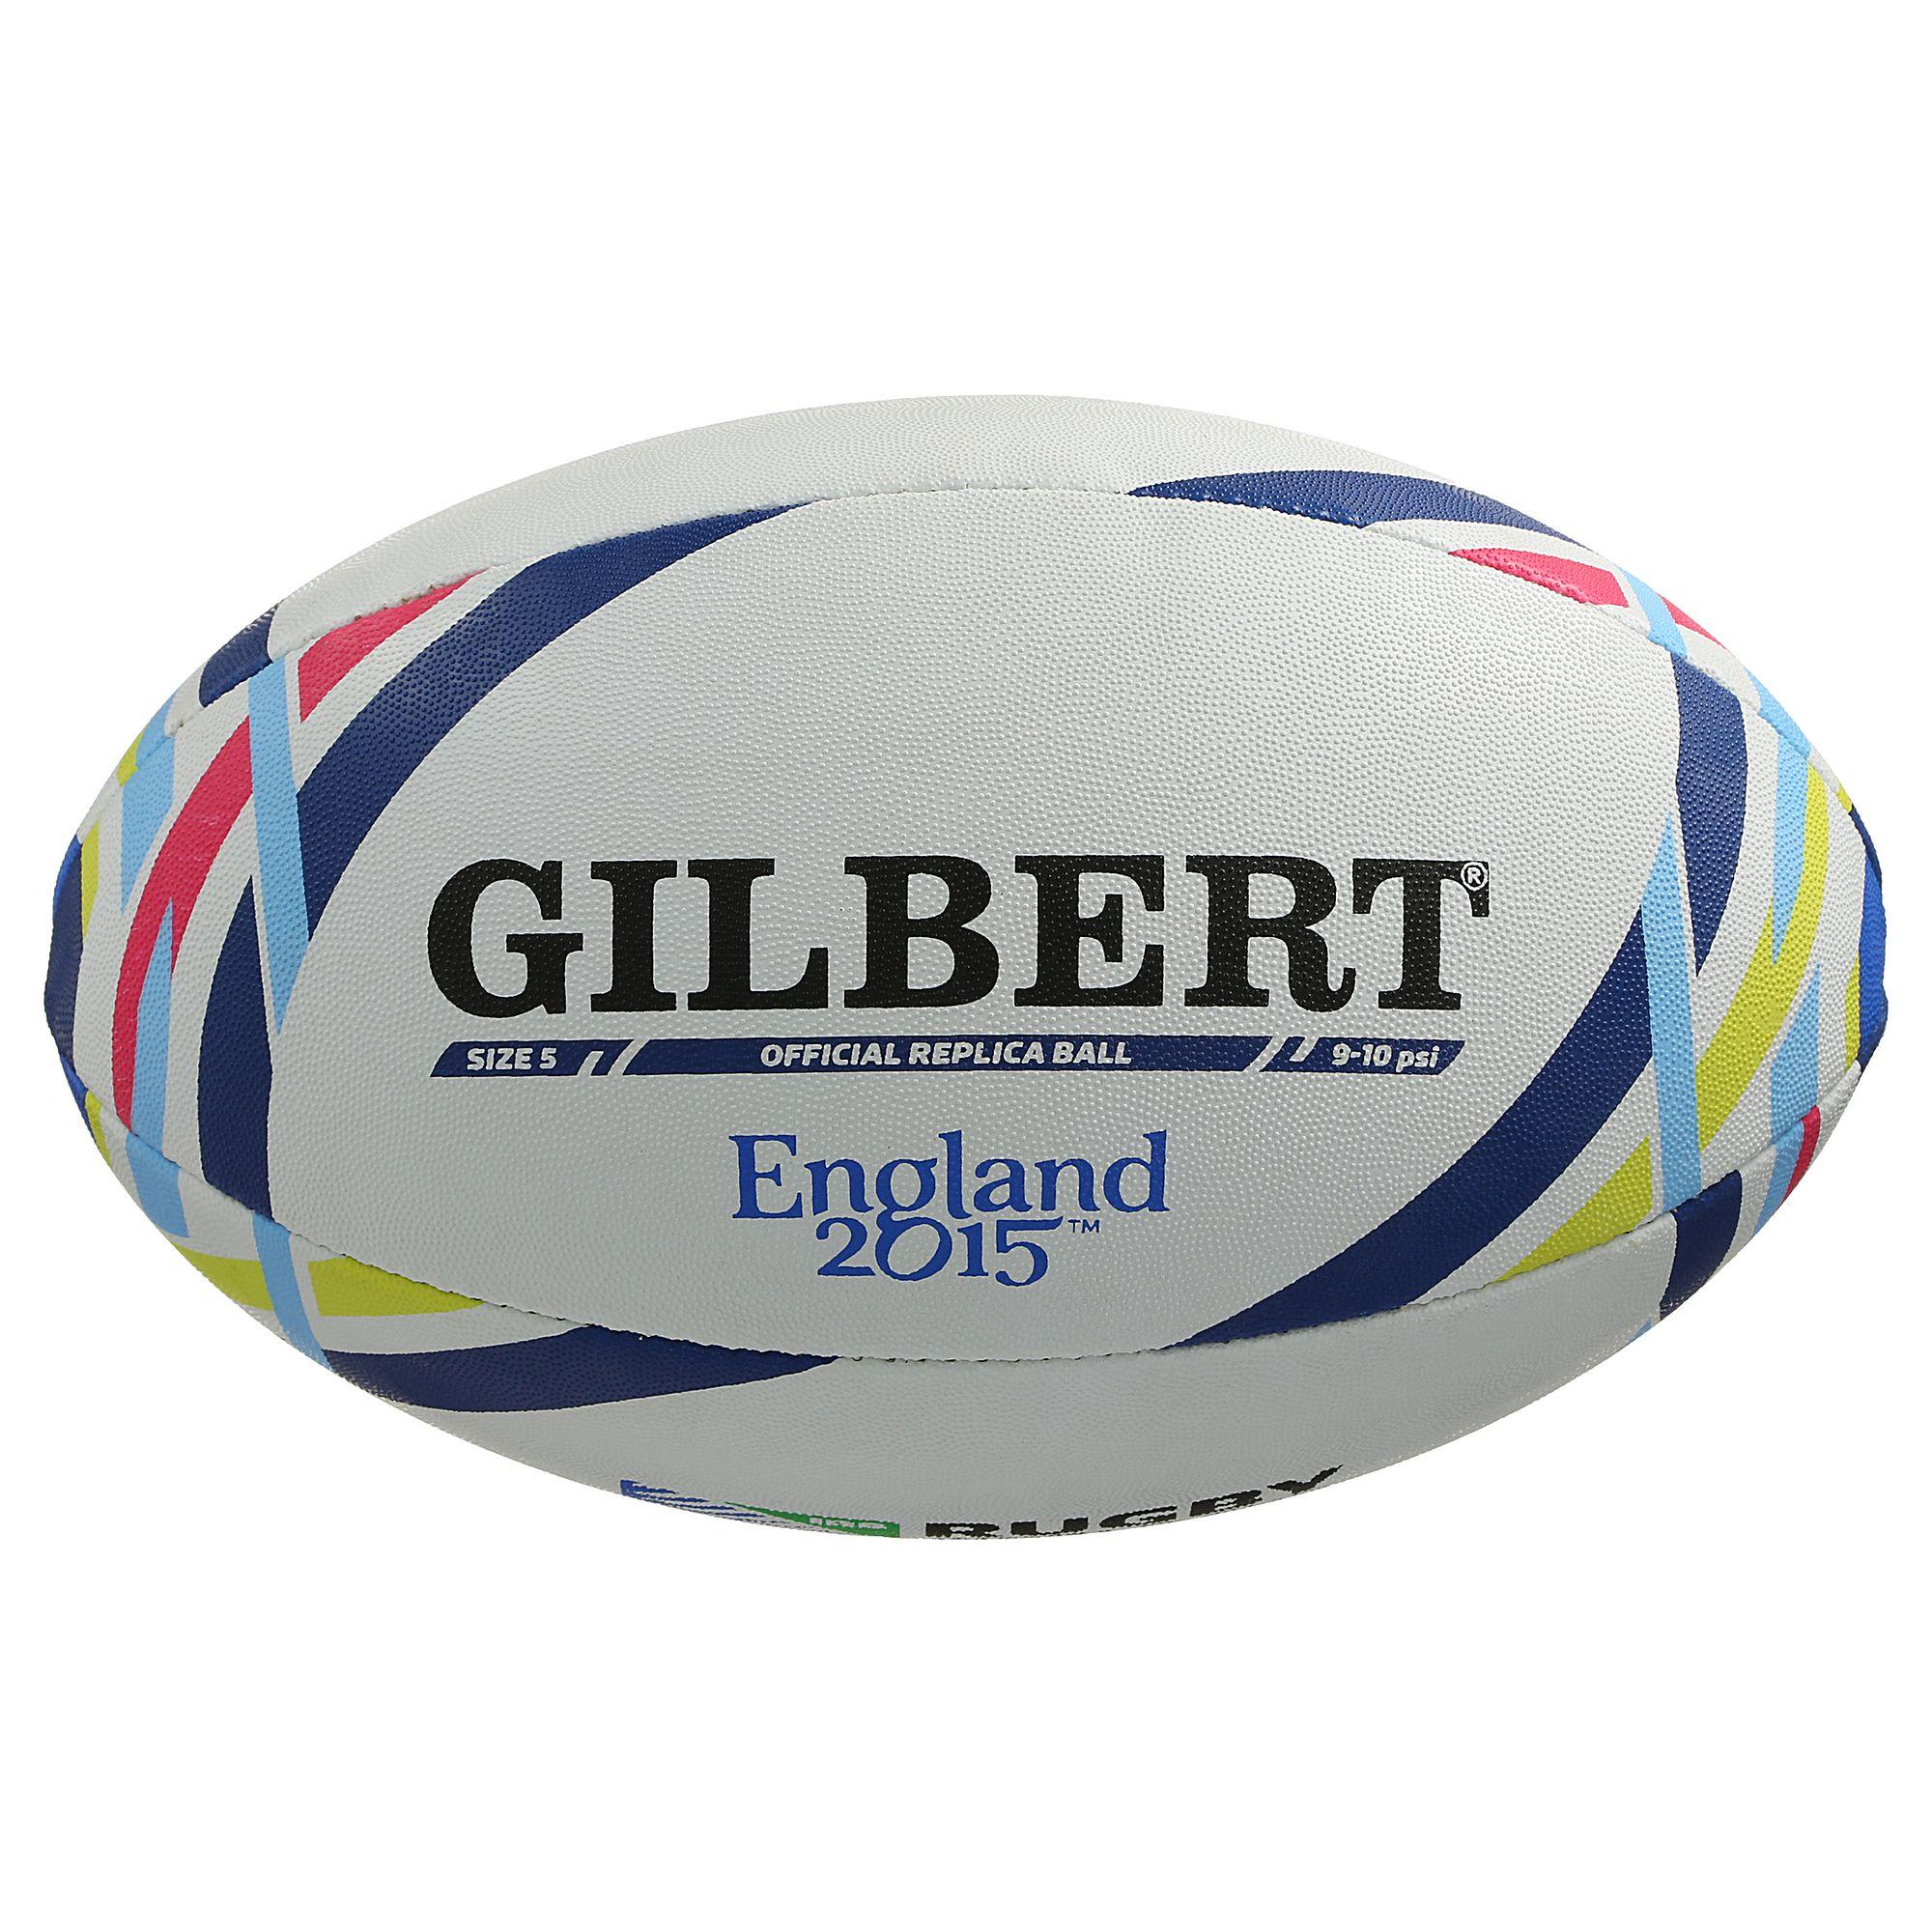 Luxe Image De Ballon De Rugby A Colorier